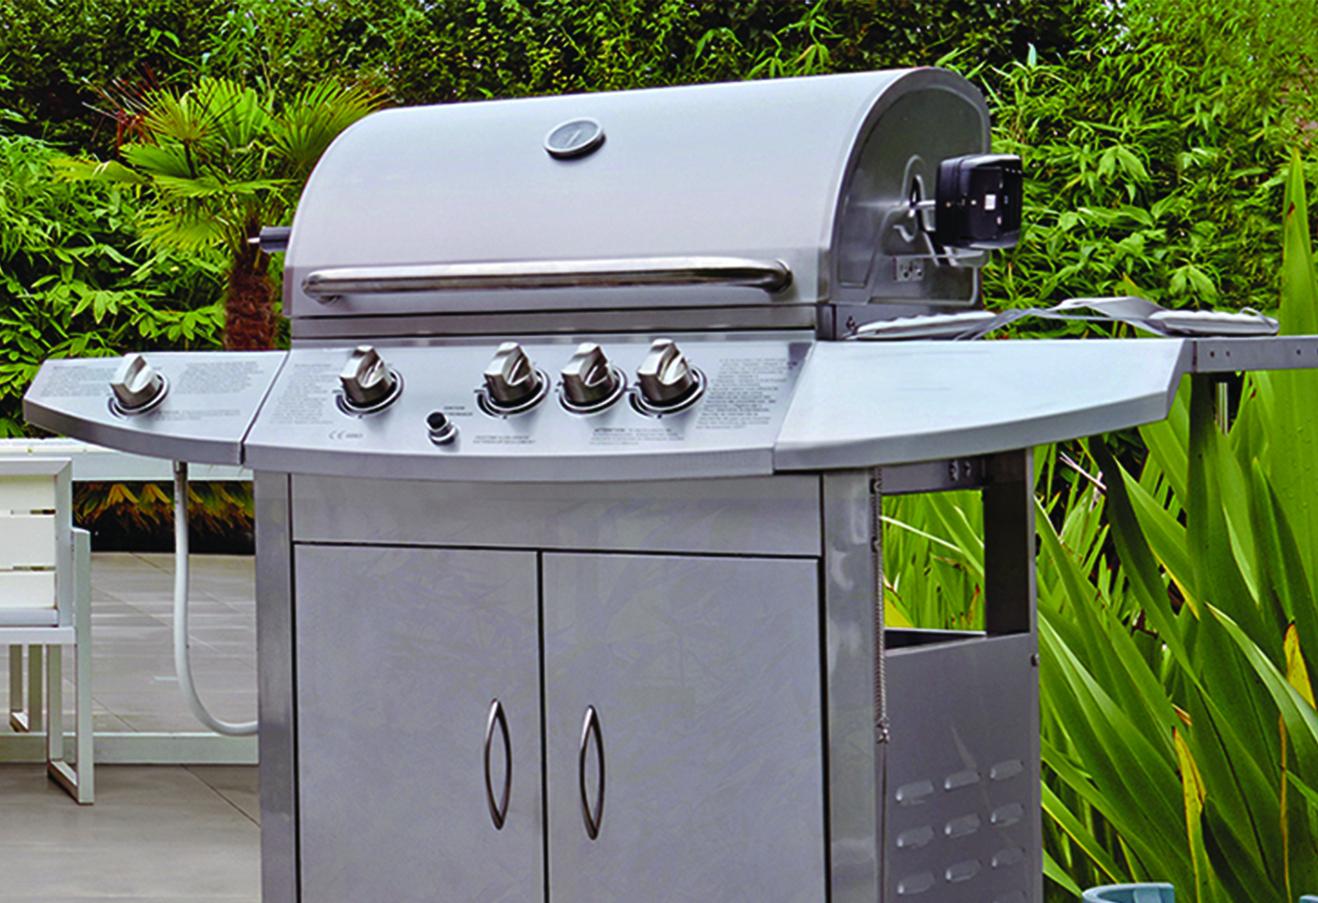 Entretenir mon barbecue gaz à l'arrivée de l'hiver